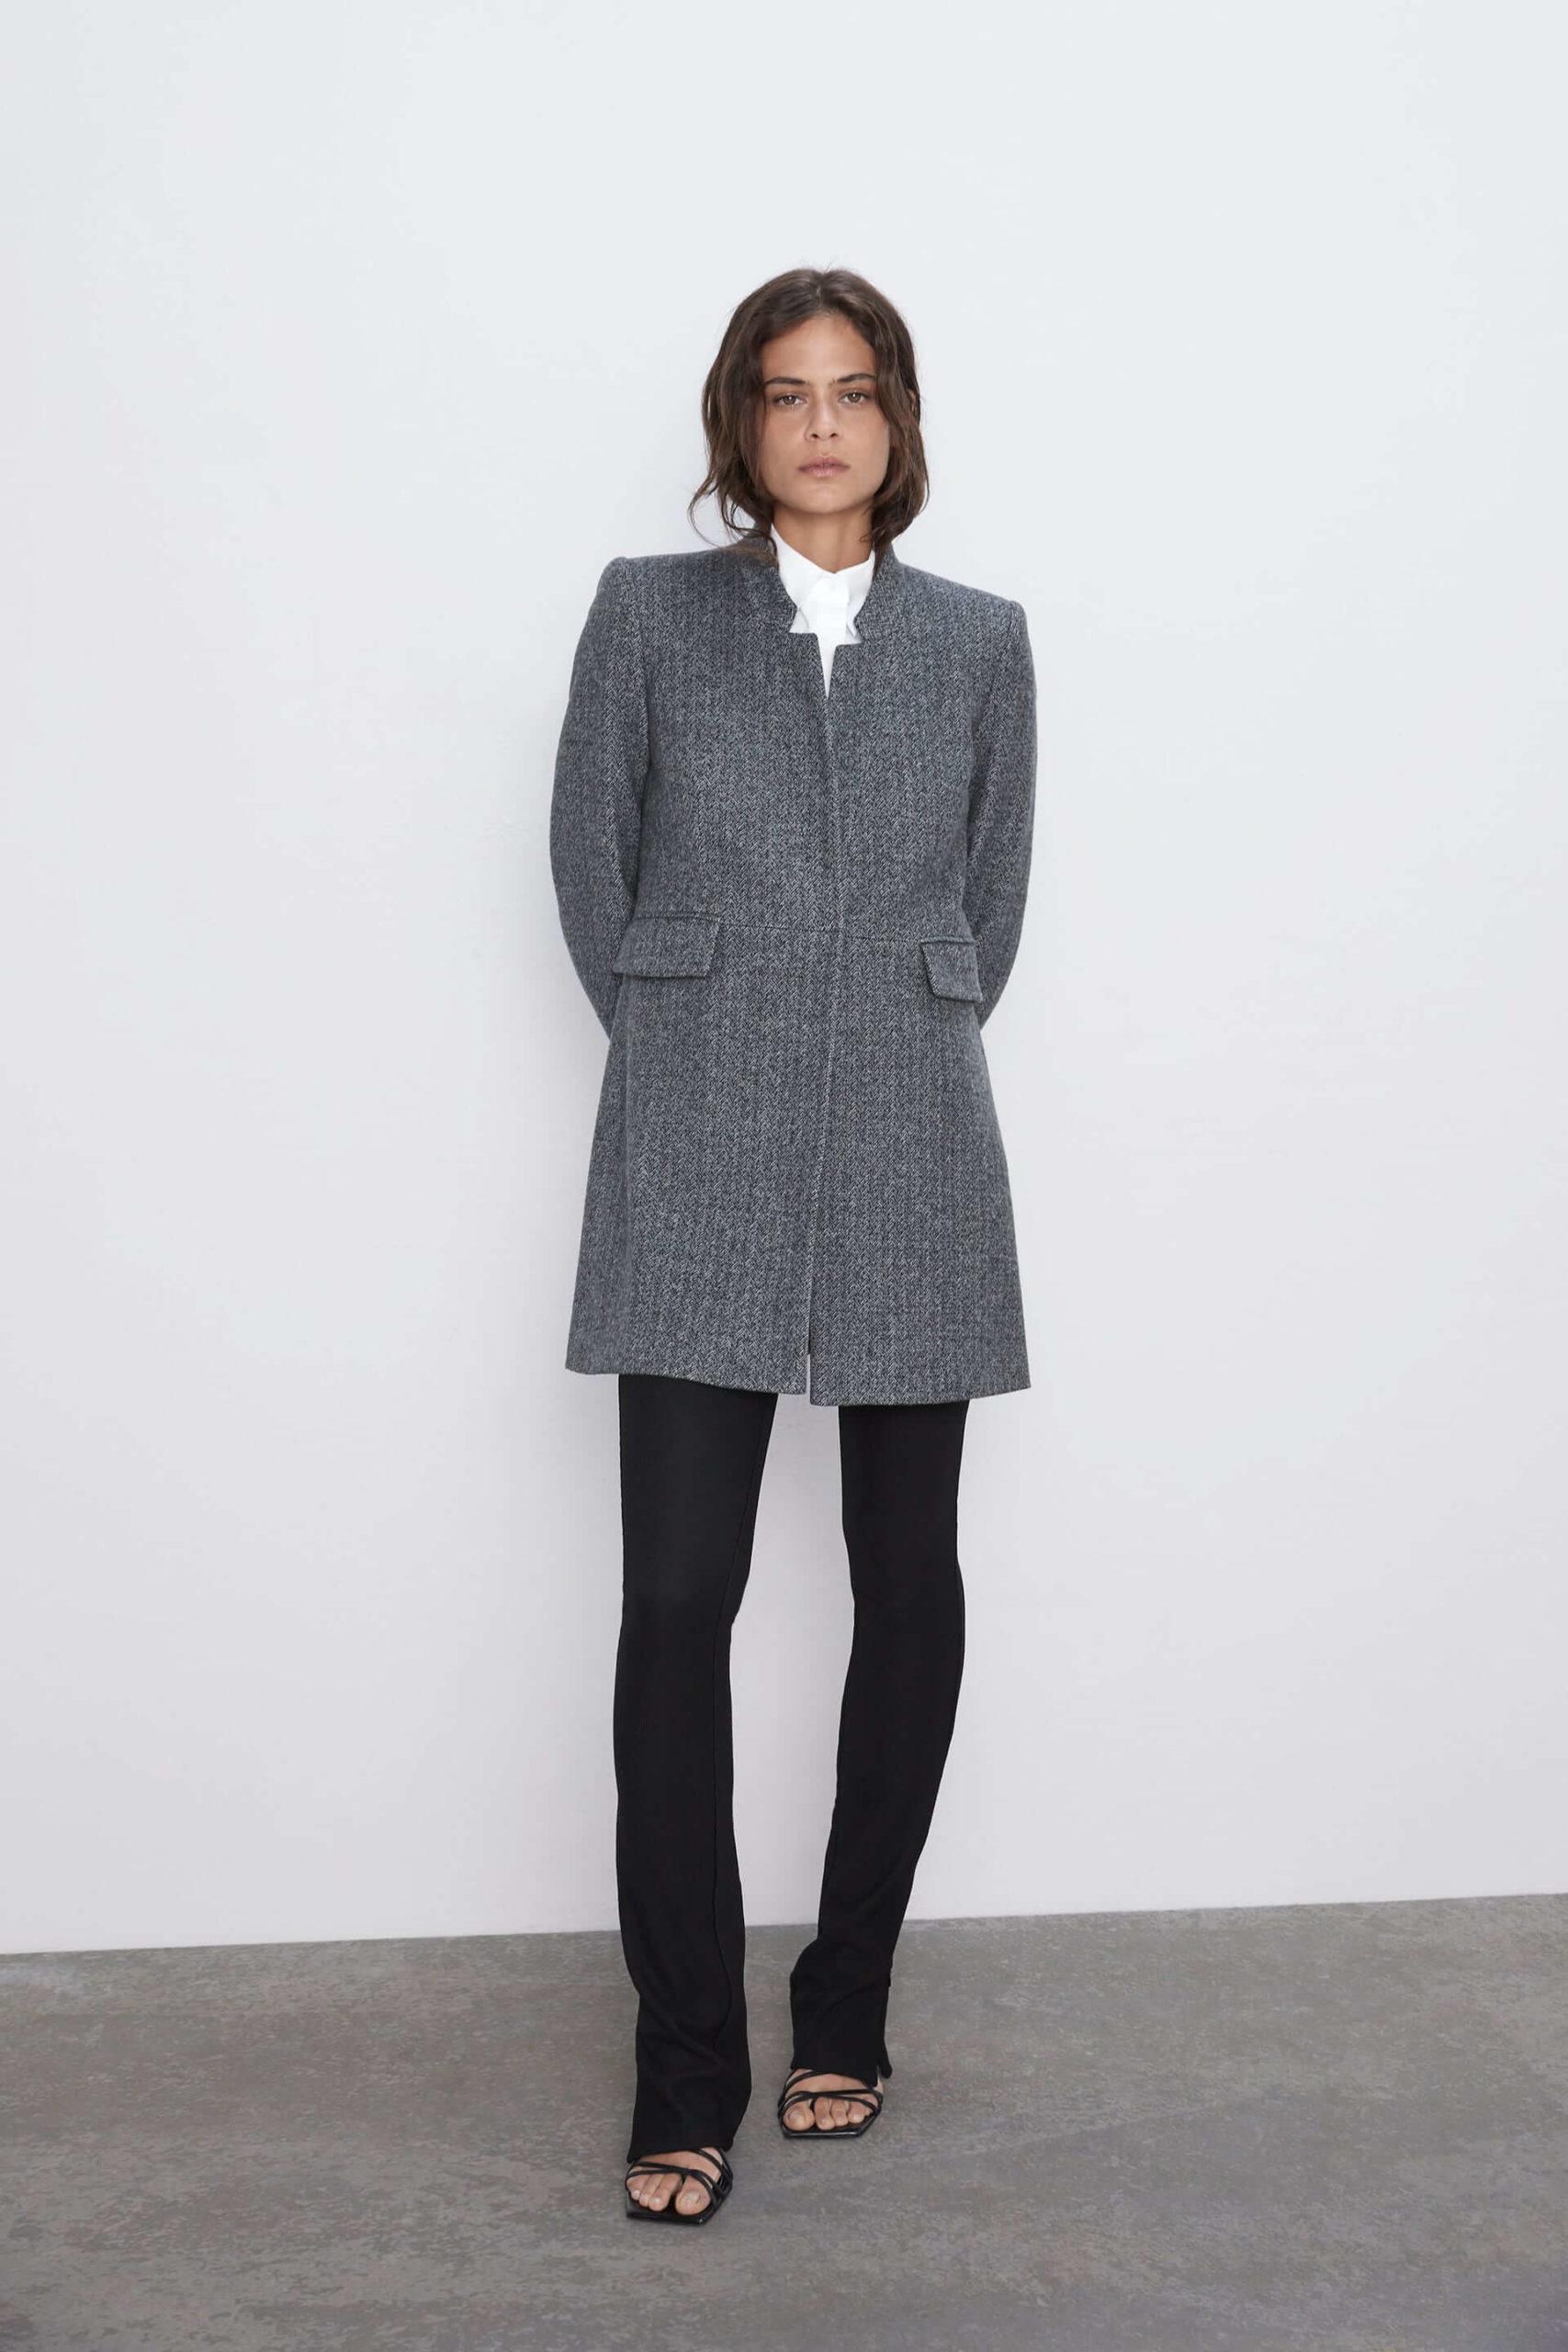 Zara Kadın Kaban Modelelleri 2020